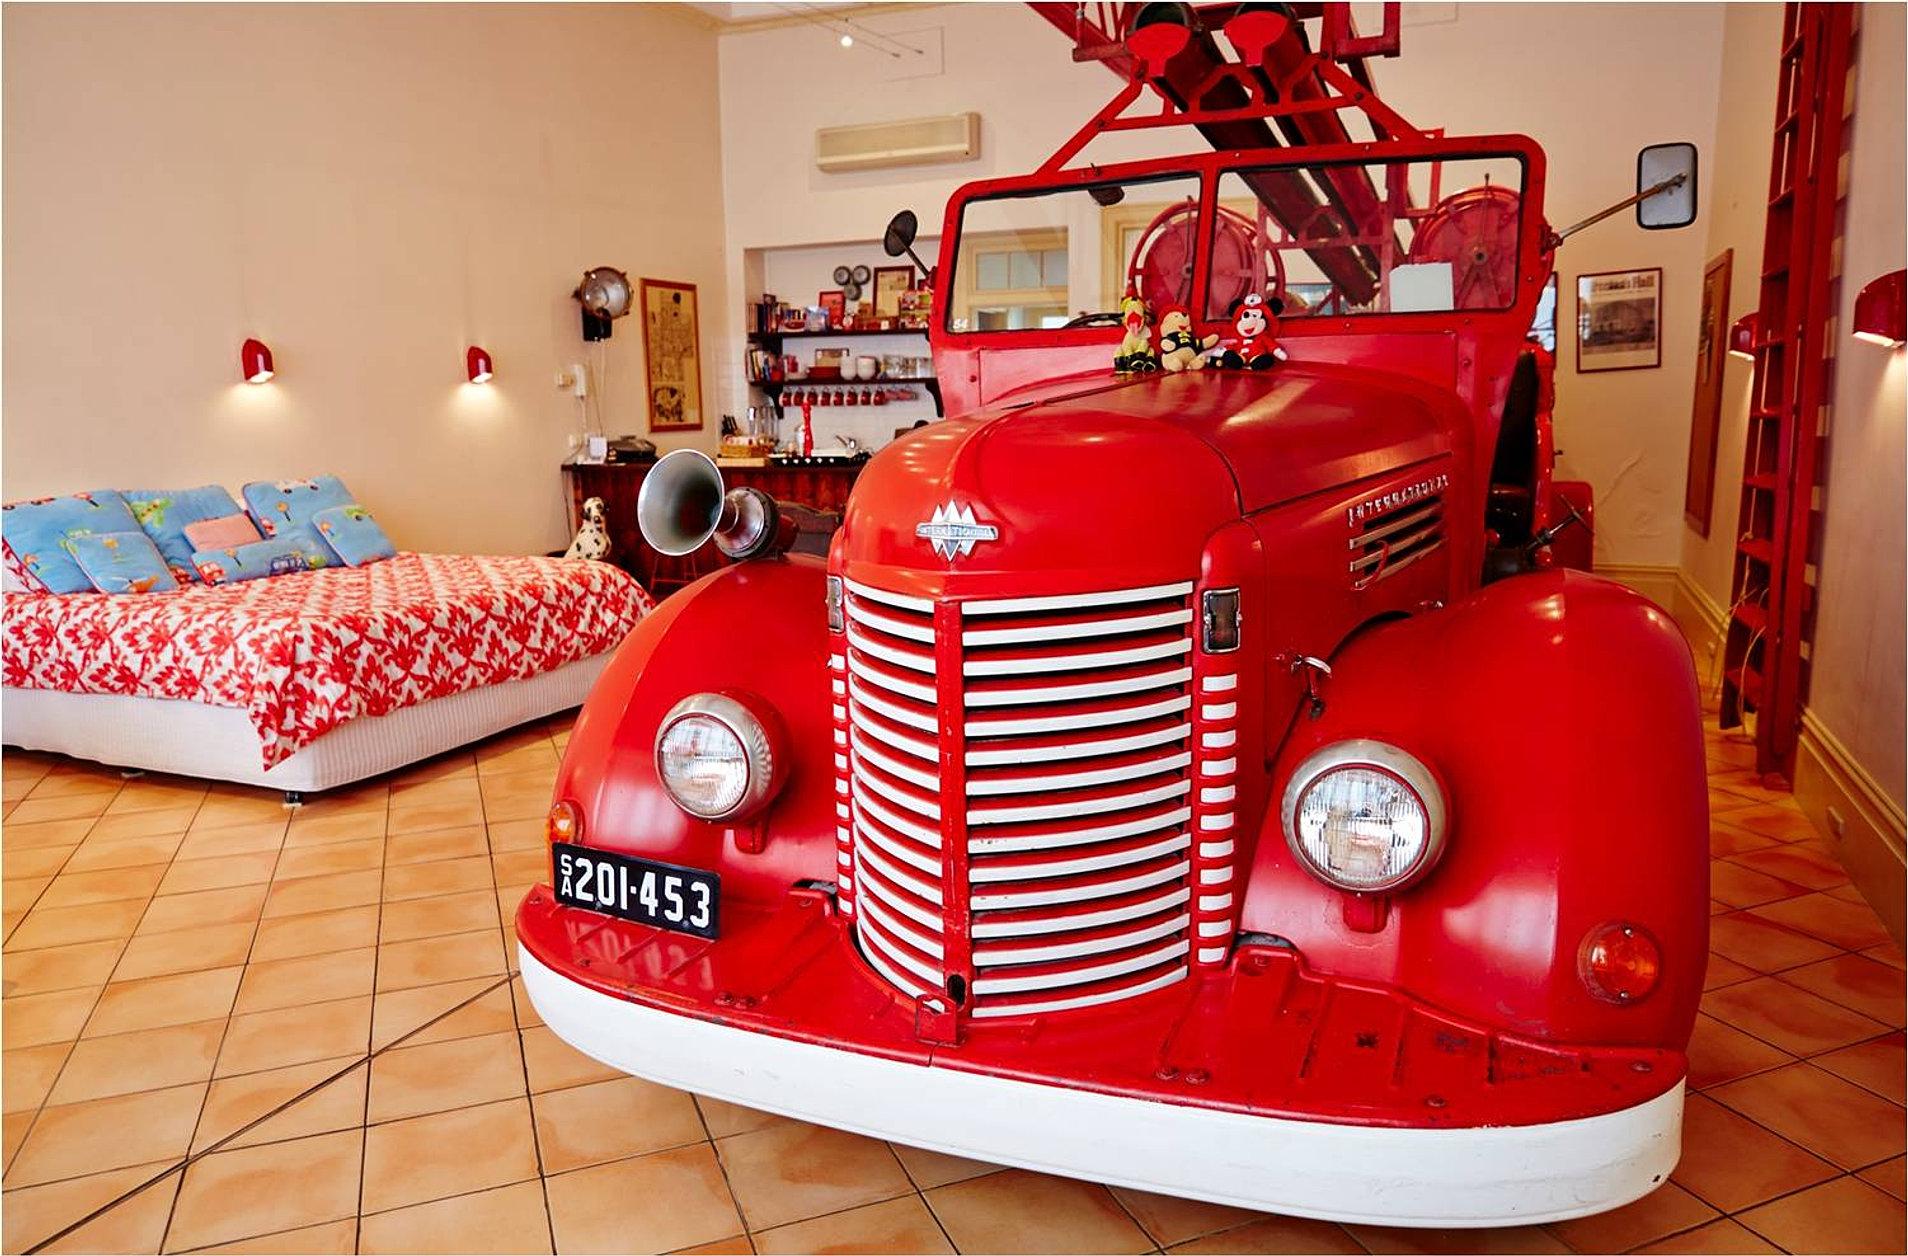 Uncategorized Fire Station Inn Adelaide corporate accommodation adelaide heritage grp fire station inn hotels